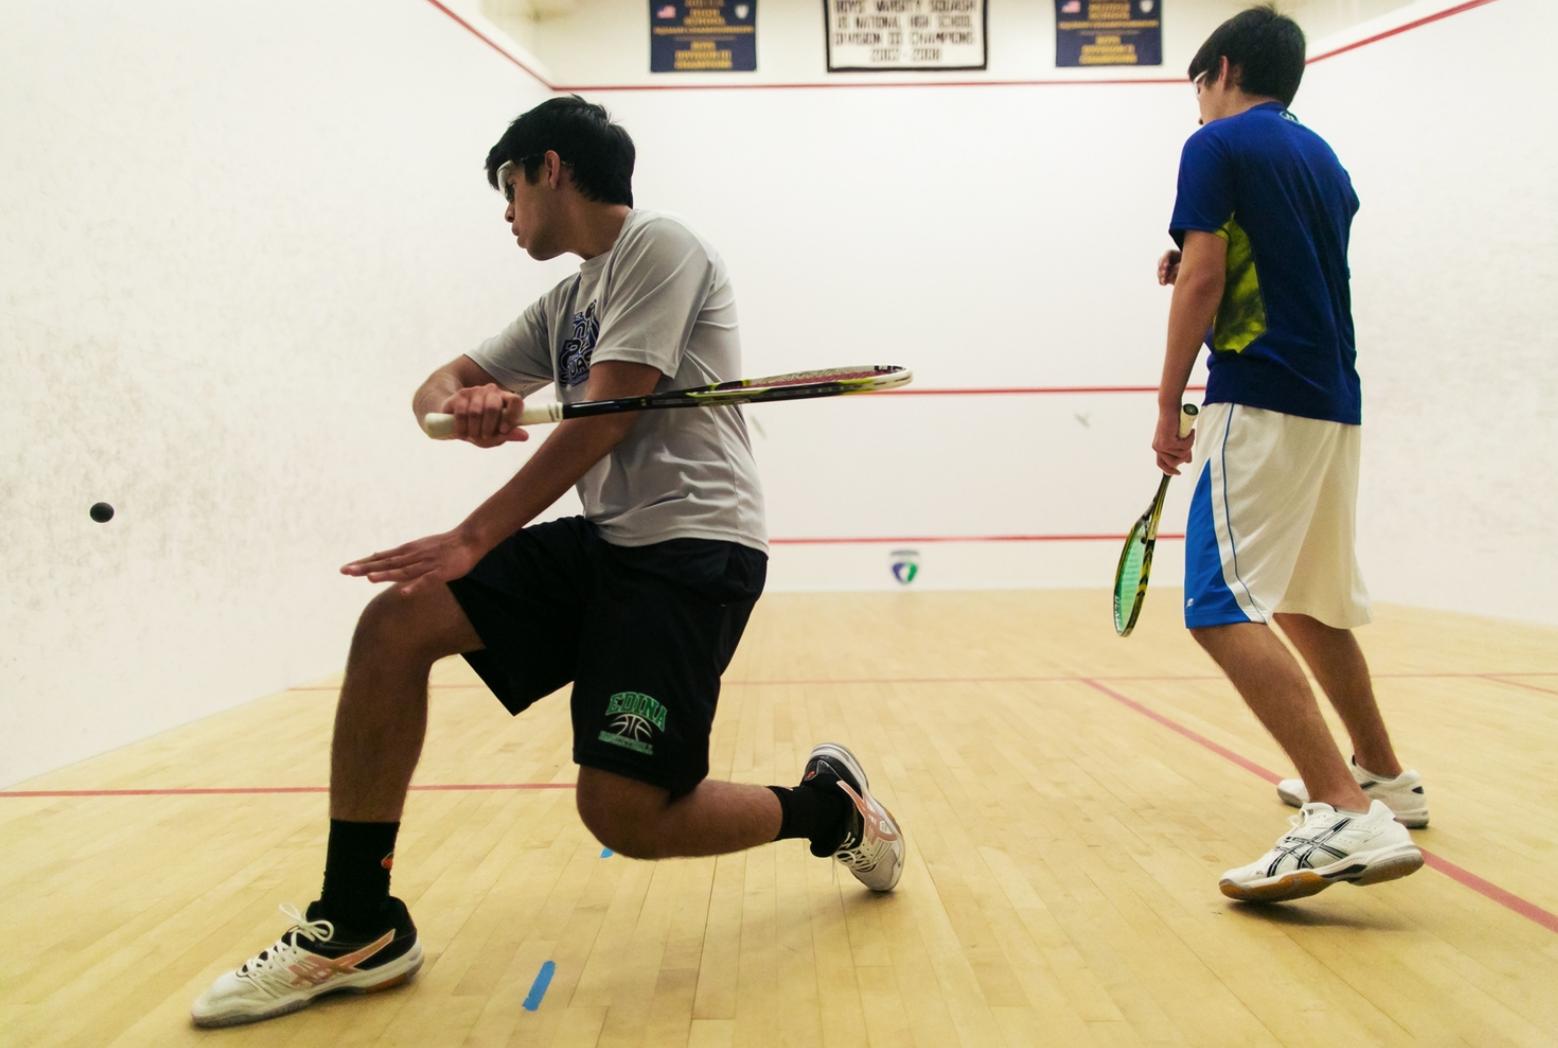 Quality Sport Programs : Squash